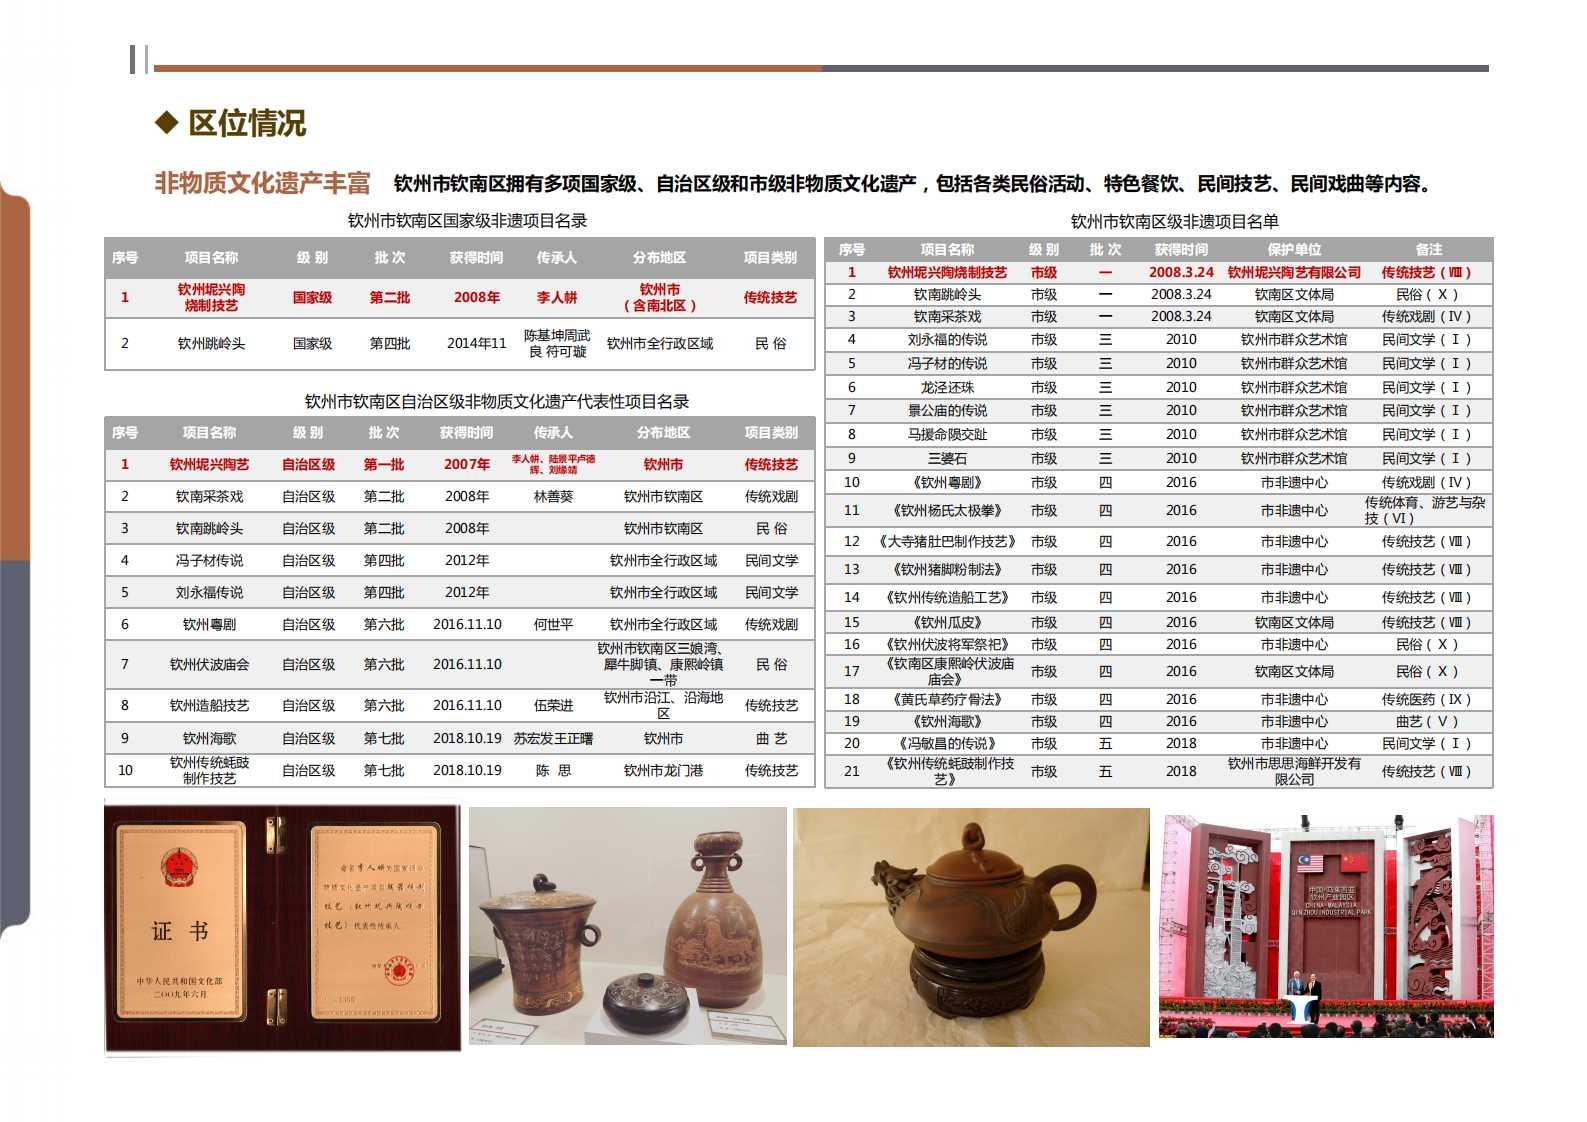 钦州坭兴陶特色小镇项目简介(4)_05.png